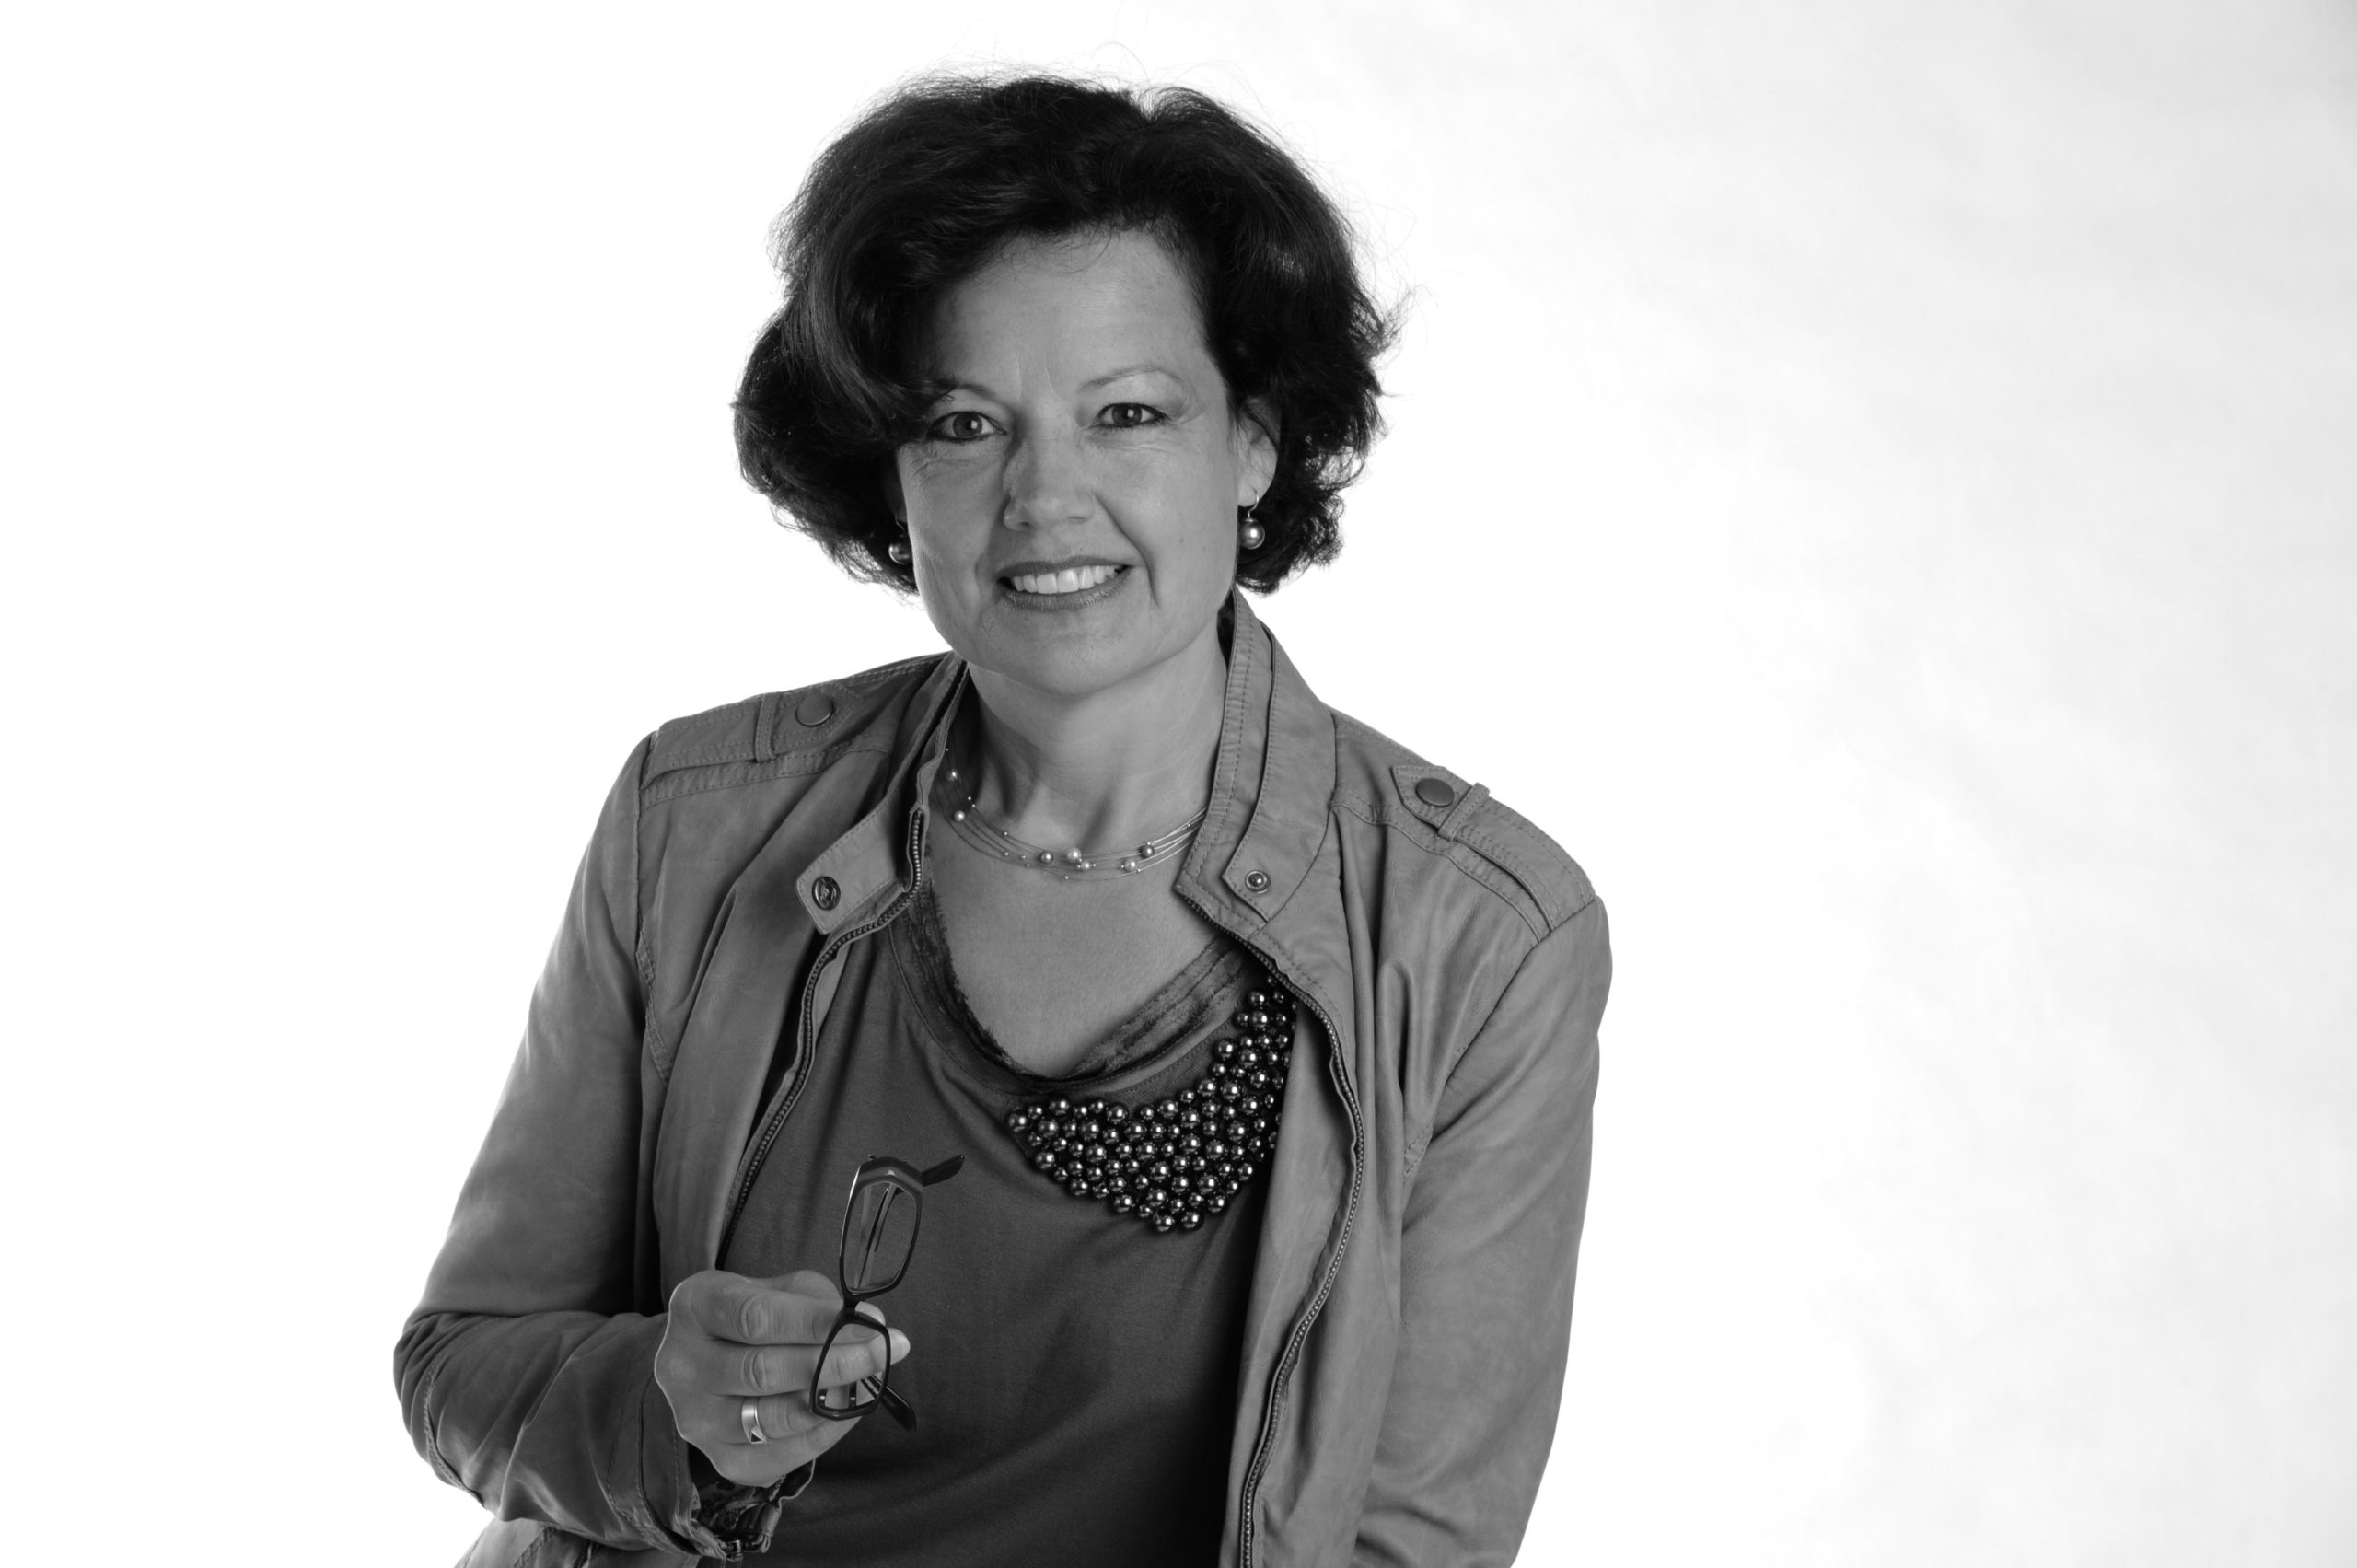 ppa. Monika Gstrein-Priessnitz